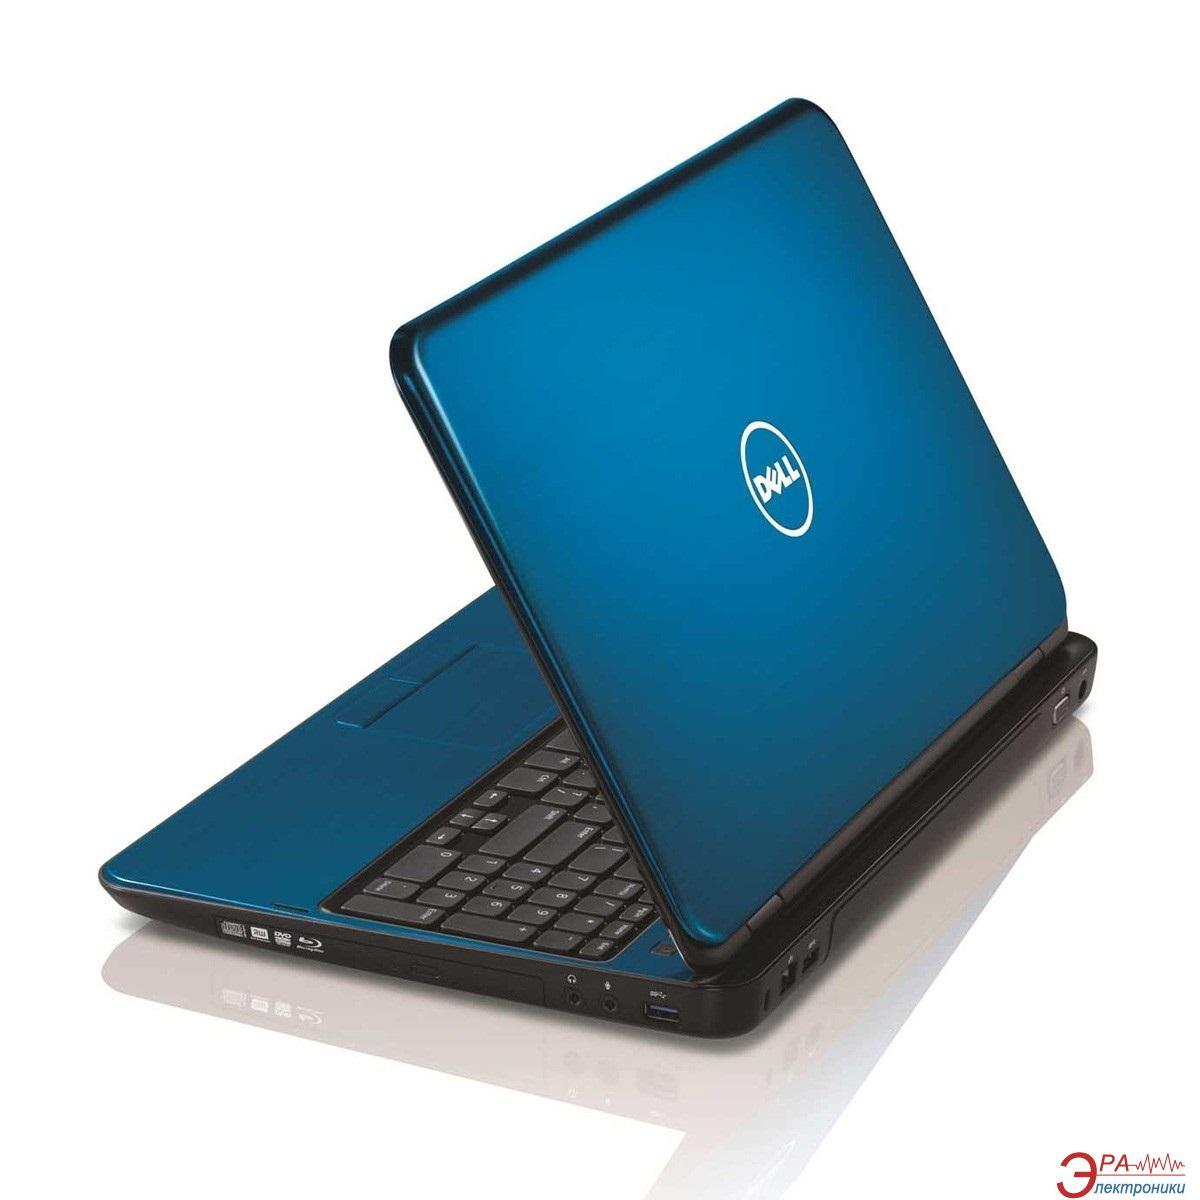 Ноутбук Dell Inspiron N5110 (210-35787Blu) Blue 15,6